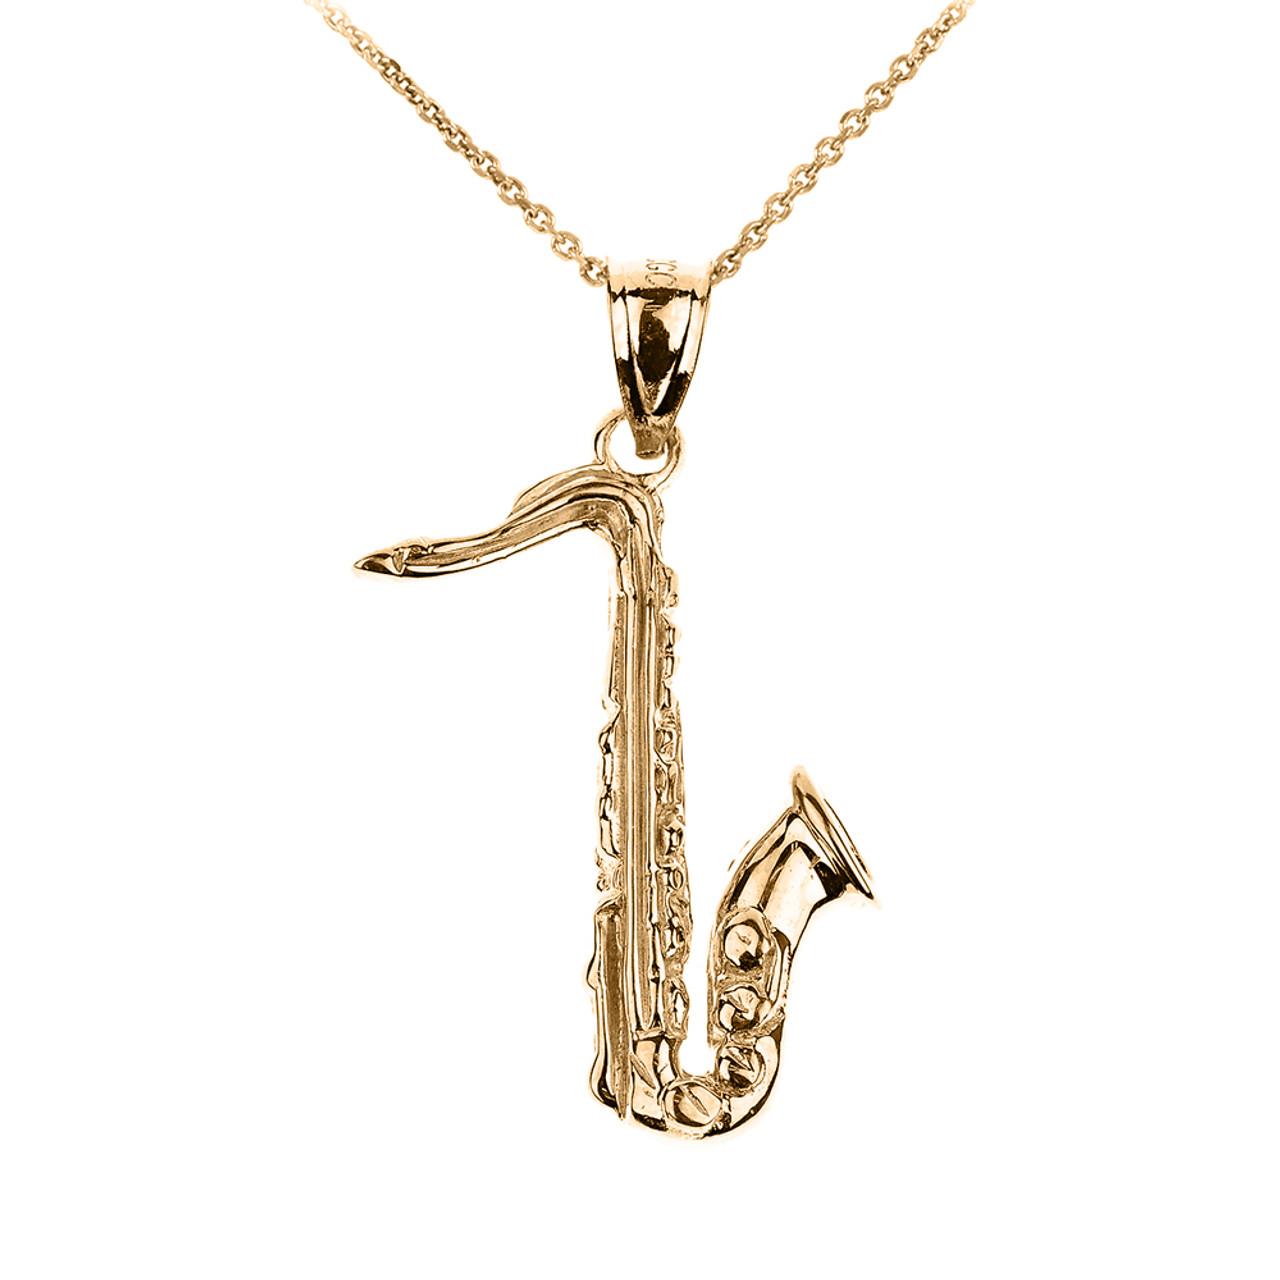 Gold 3D Saxophone Pendant Necklace  c597b40853f6